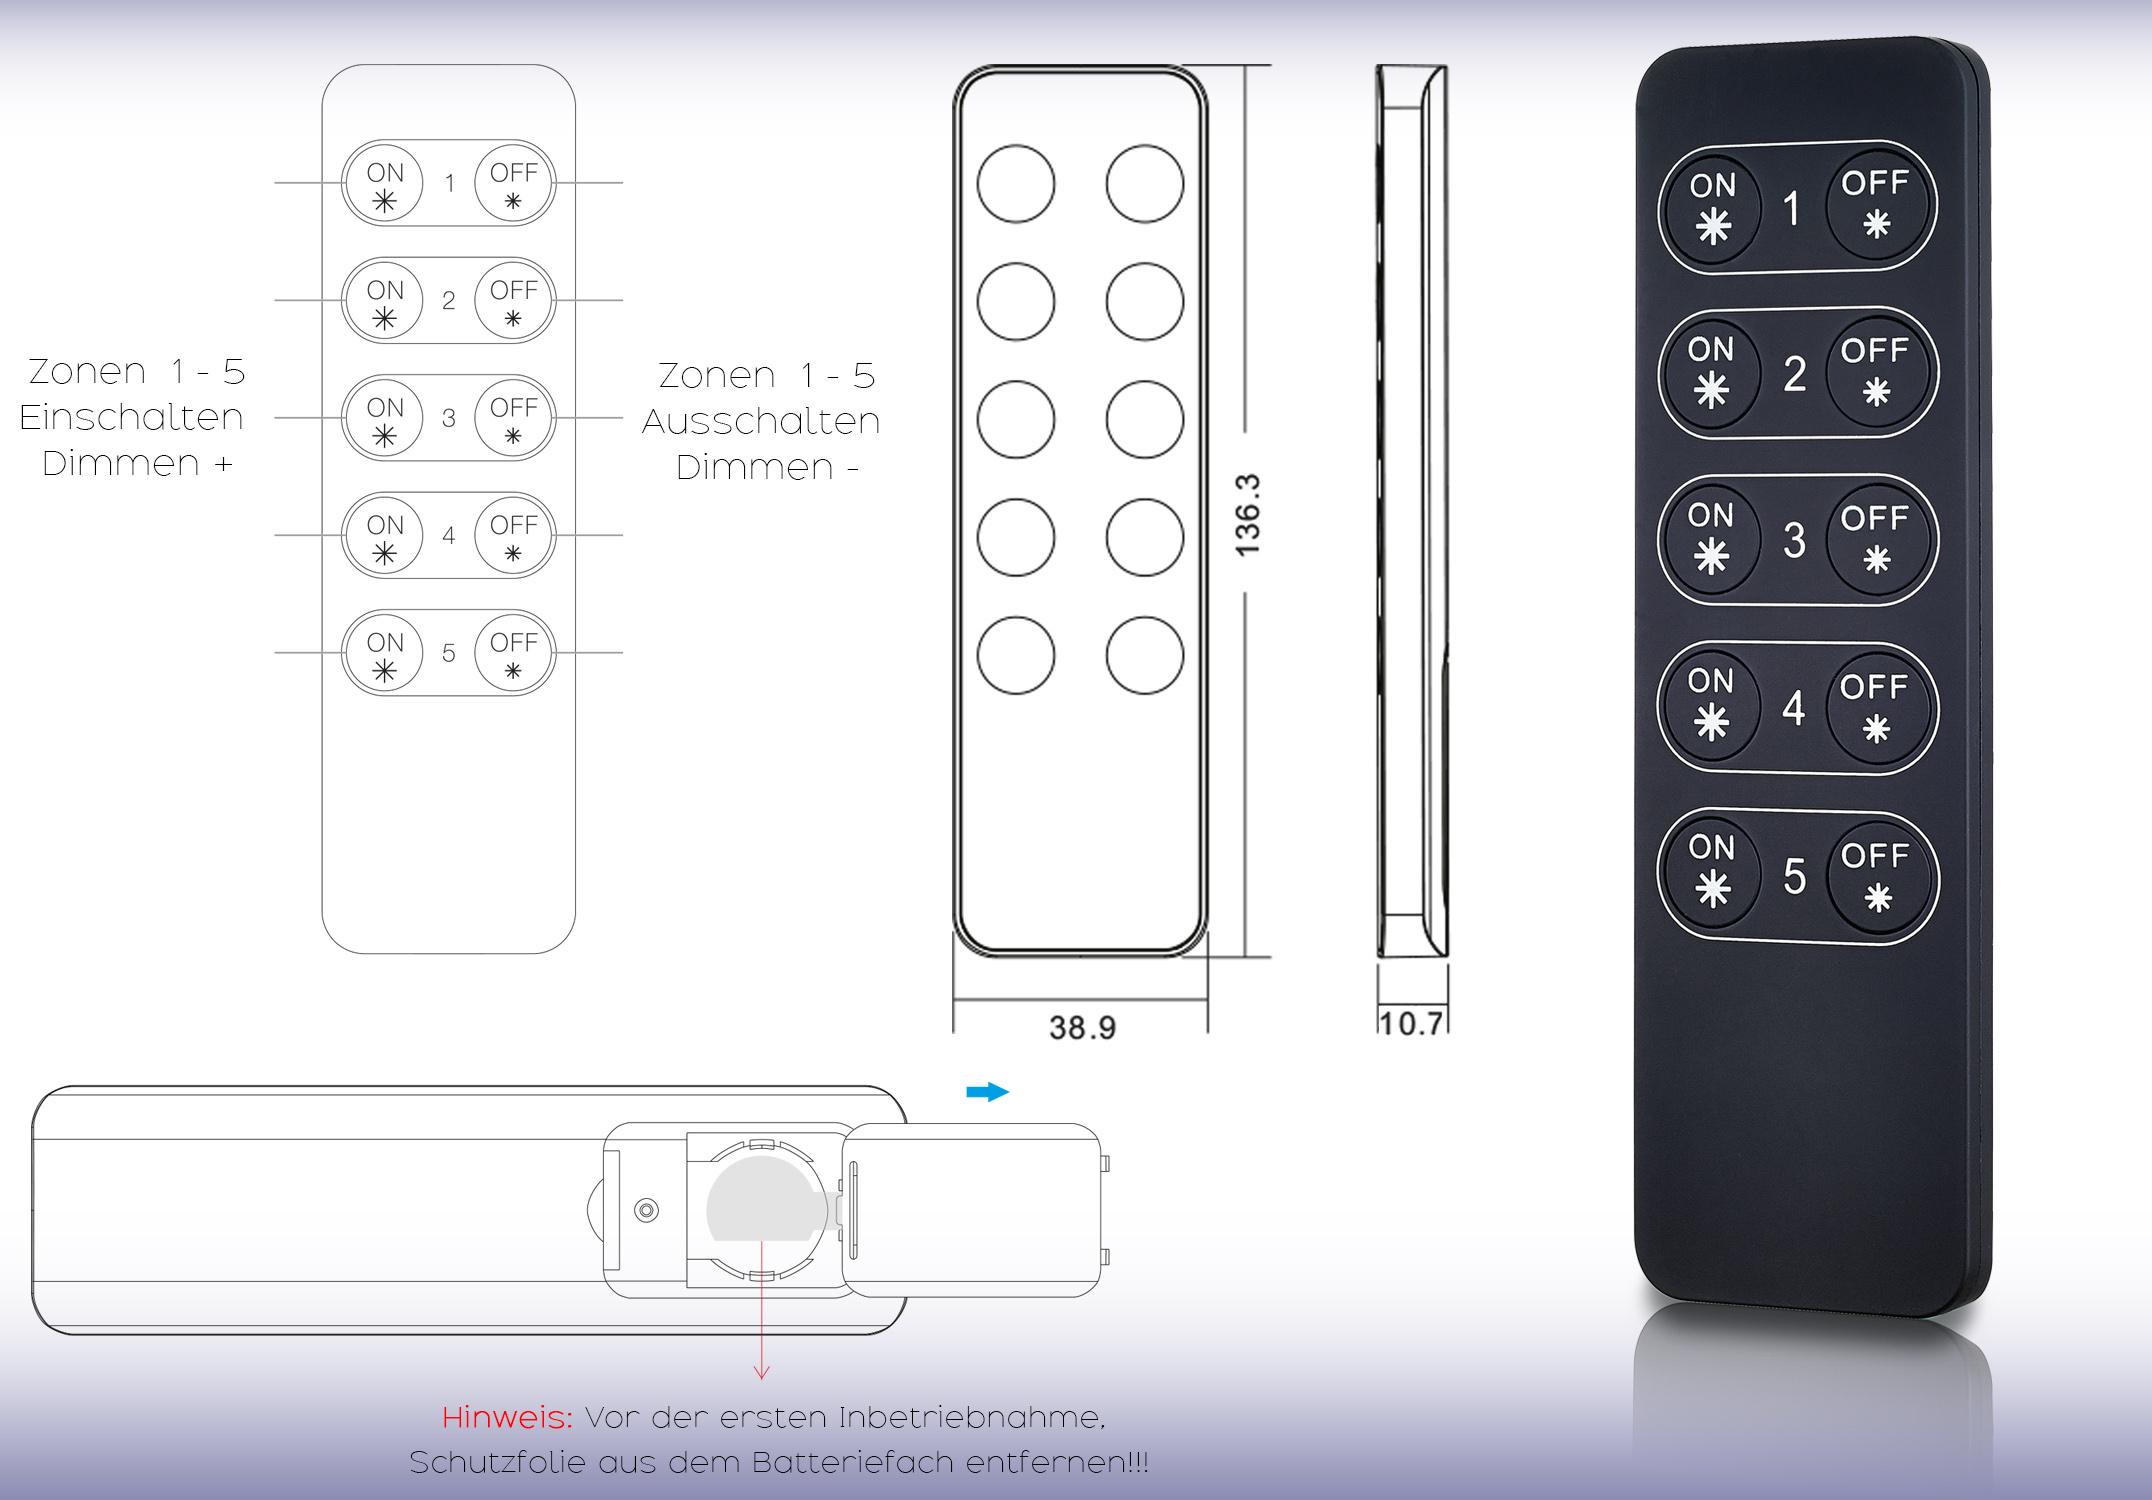 ek-552801-0 Erstaunlich Dimmer Schalter Mit Fernbedienung Dekorationen